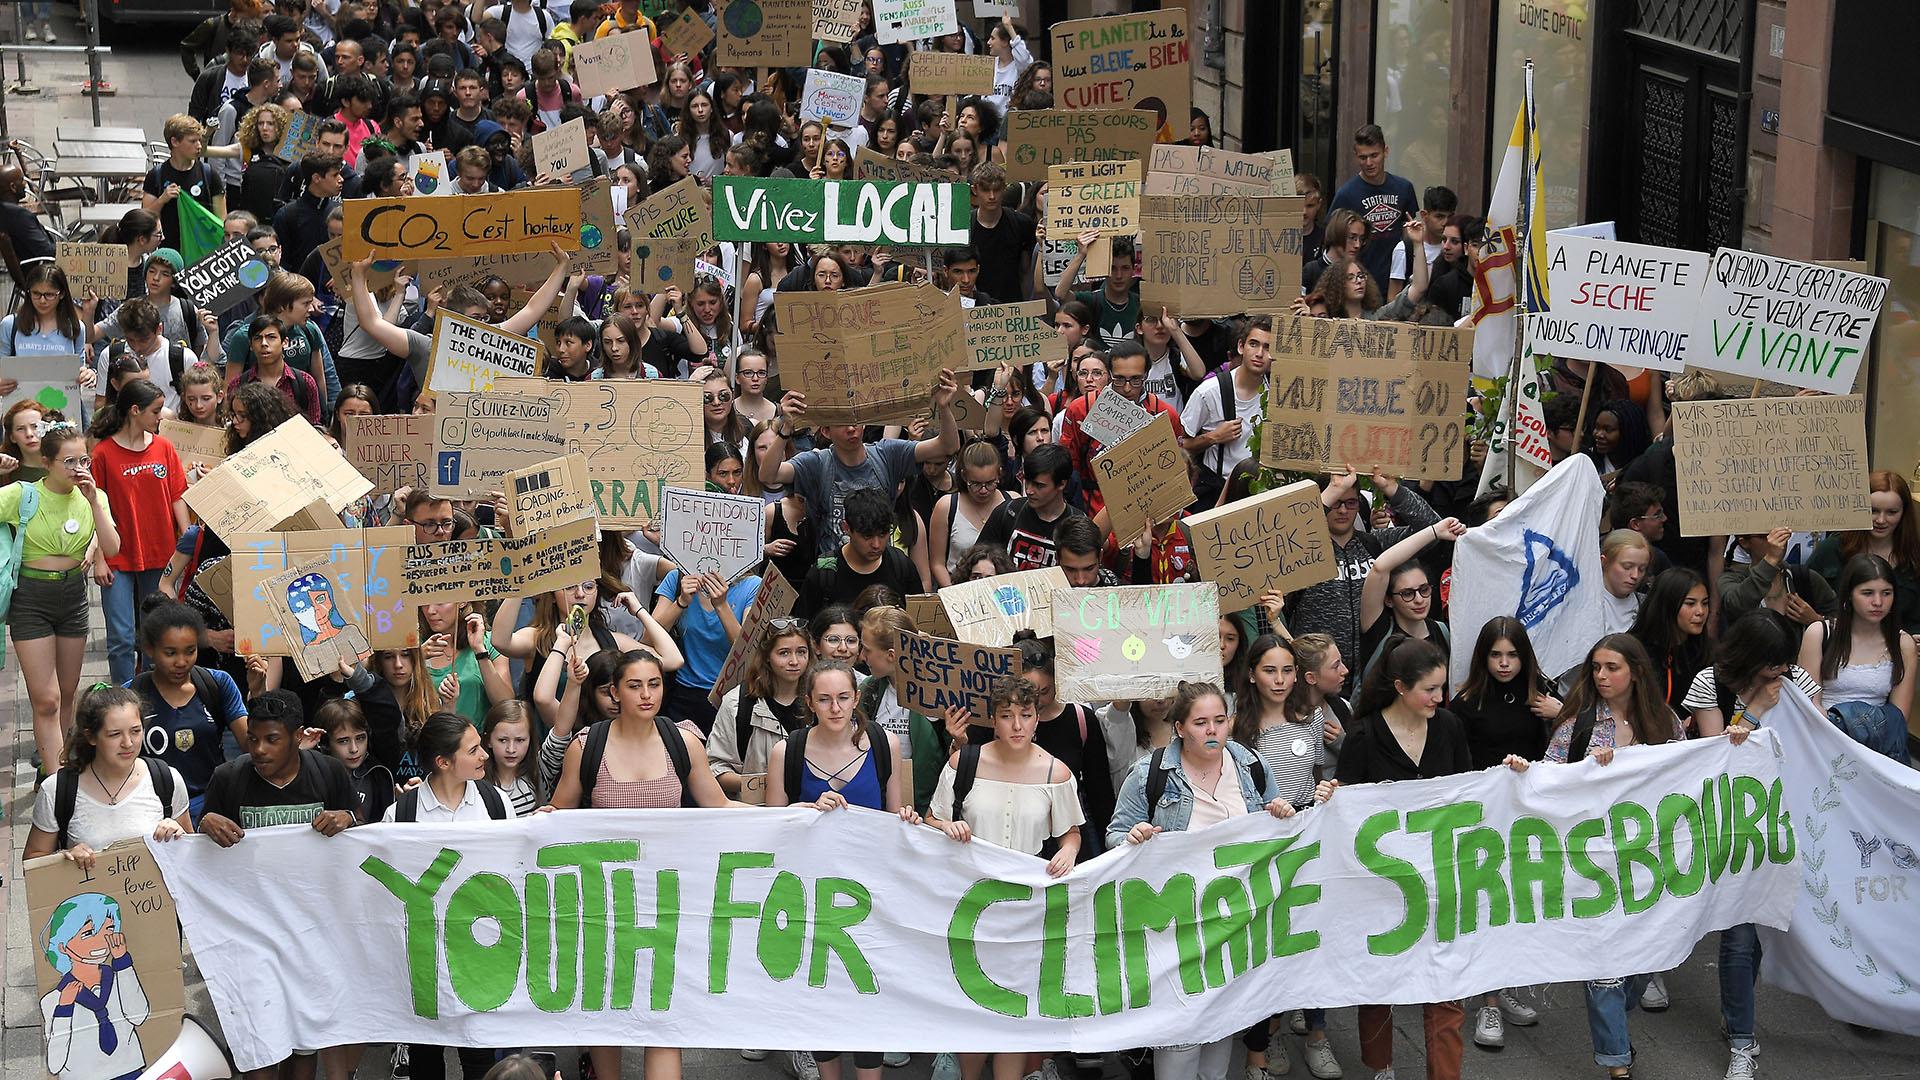 En un cambio desde las últimas elecciones al Parlamento Europeo, los principales partidos han adoptado el cambio climático como un grito de guerra, estimulado en parte por una ola de huelgas estudiantiles. (AFP)